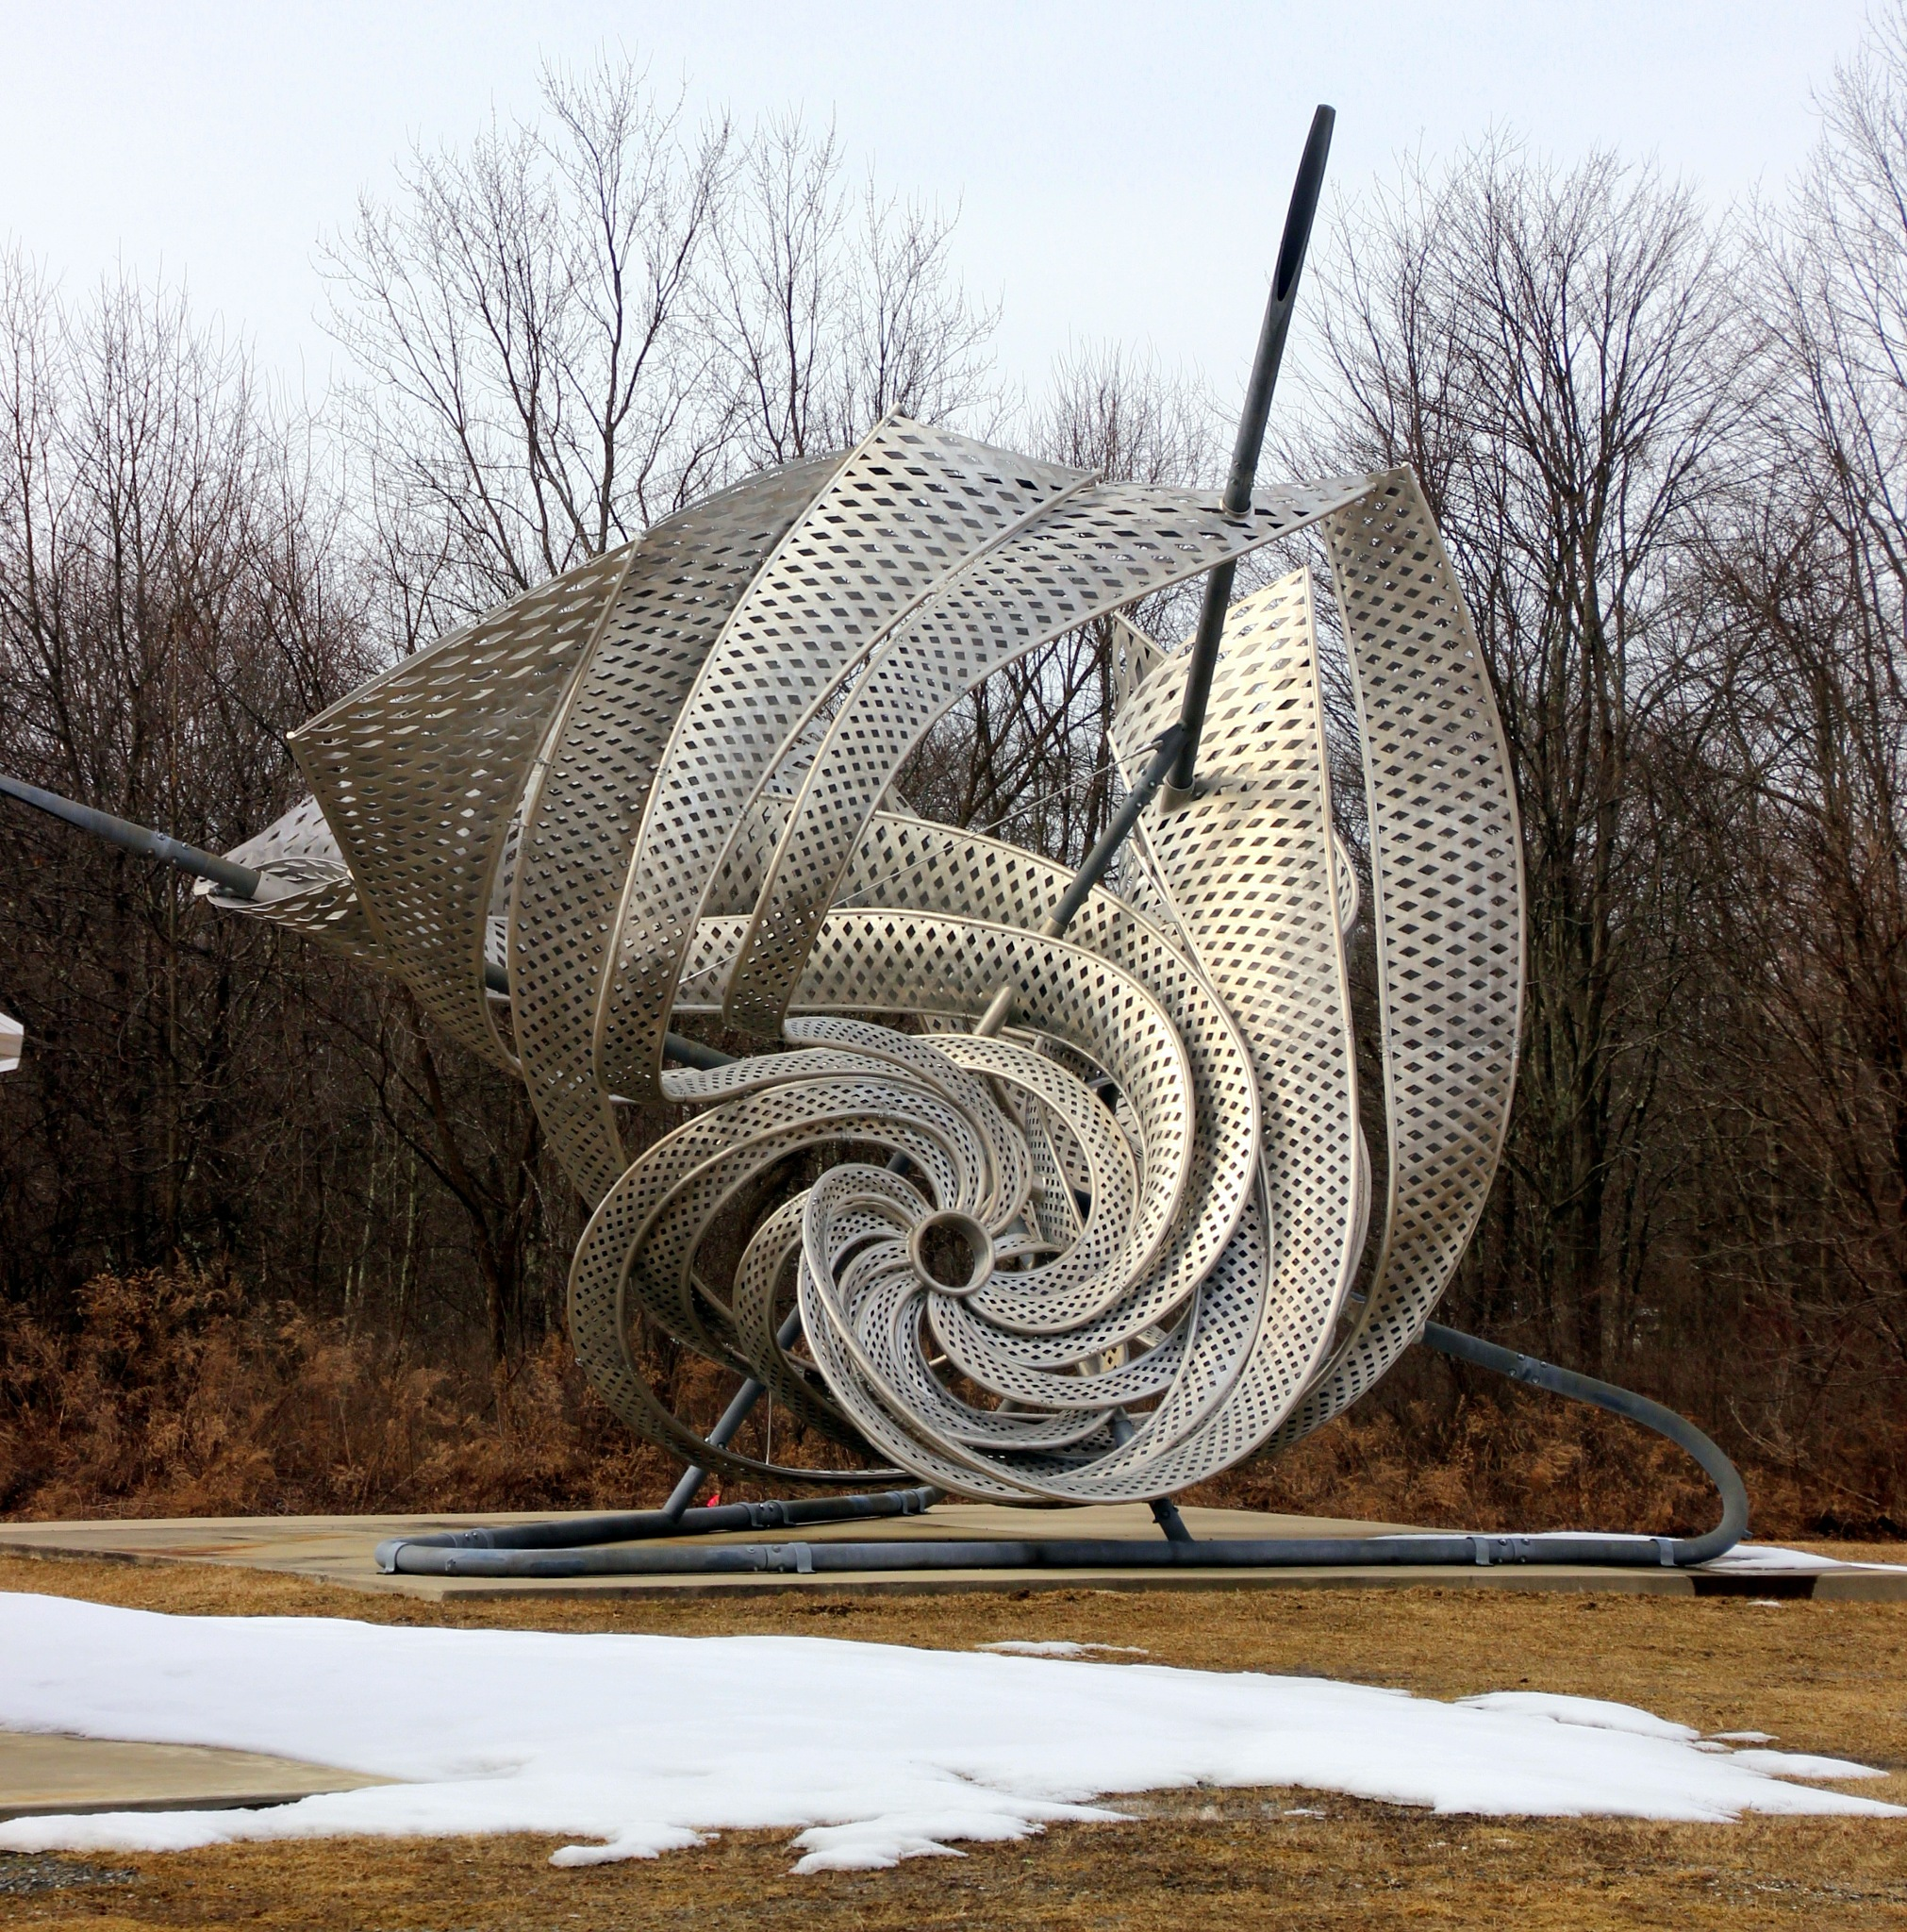 Spirals by Janet519